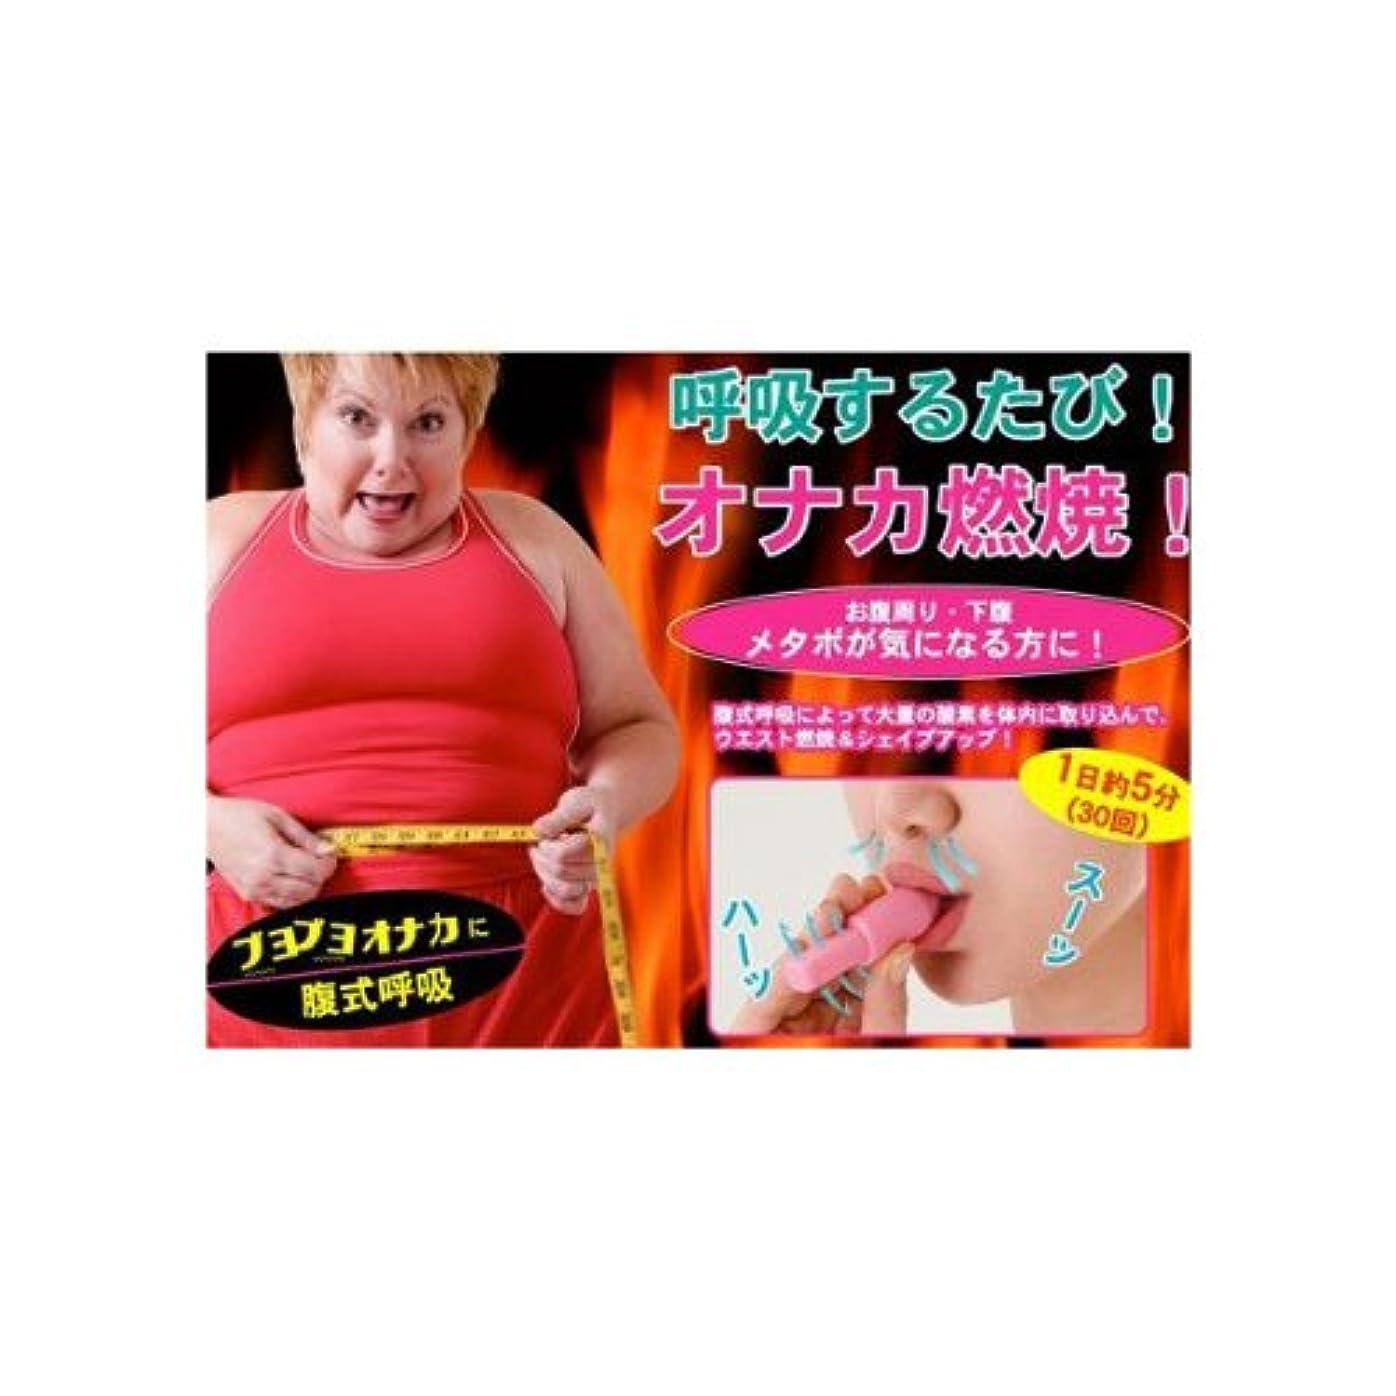 作ります月曜いたずらな腹式呼吸によってウエスト&エクササイズ!腹式呼吸ダイエット『カロリーブレス』